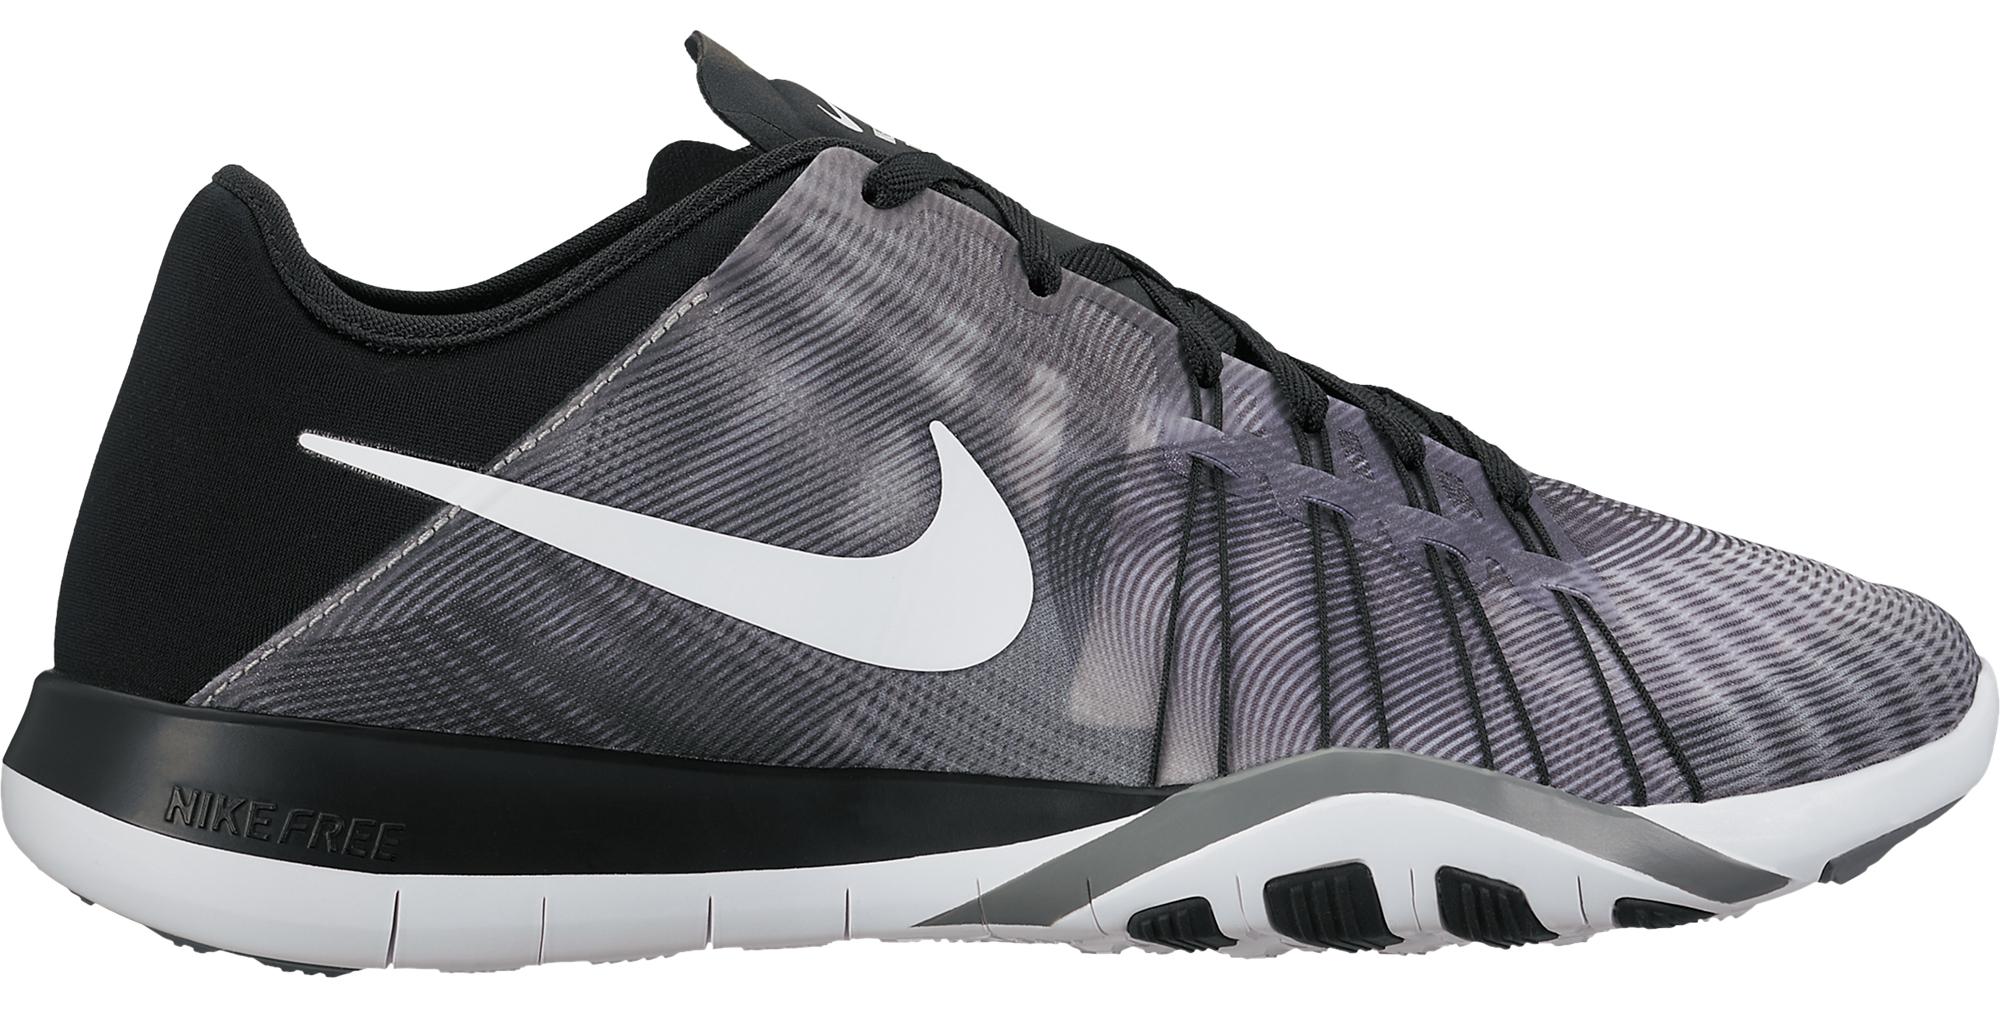 Nike Free Train TR 6 Training Shoes